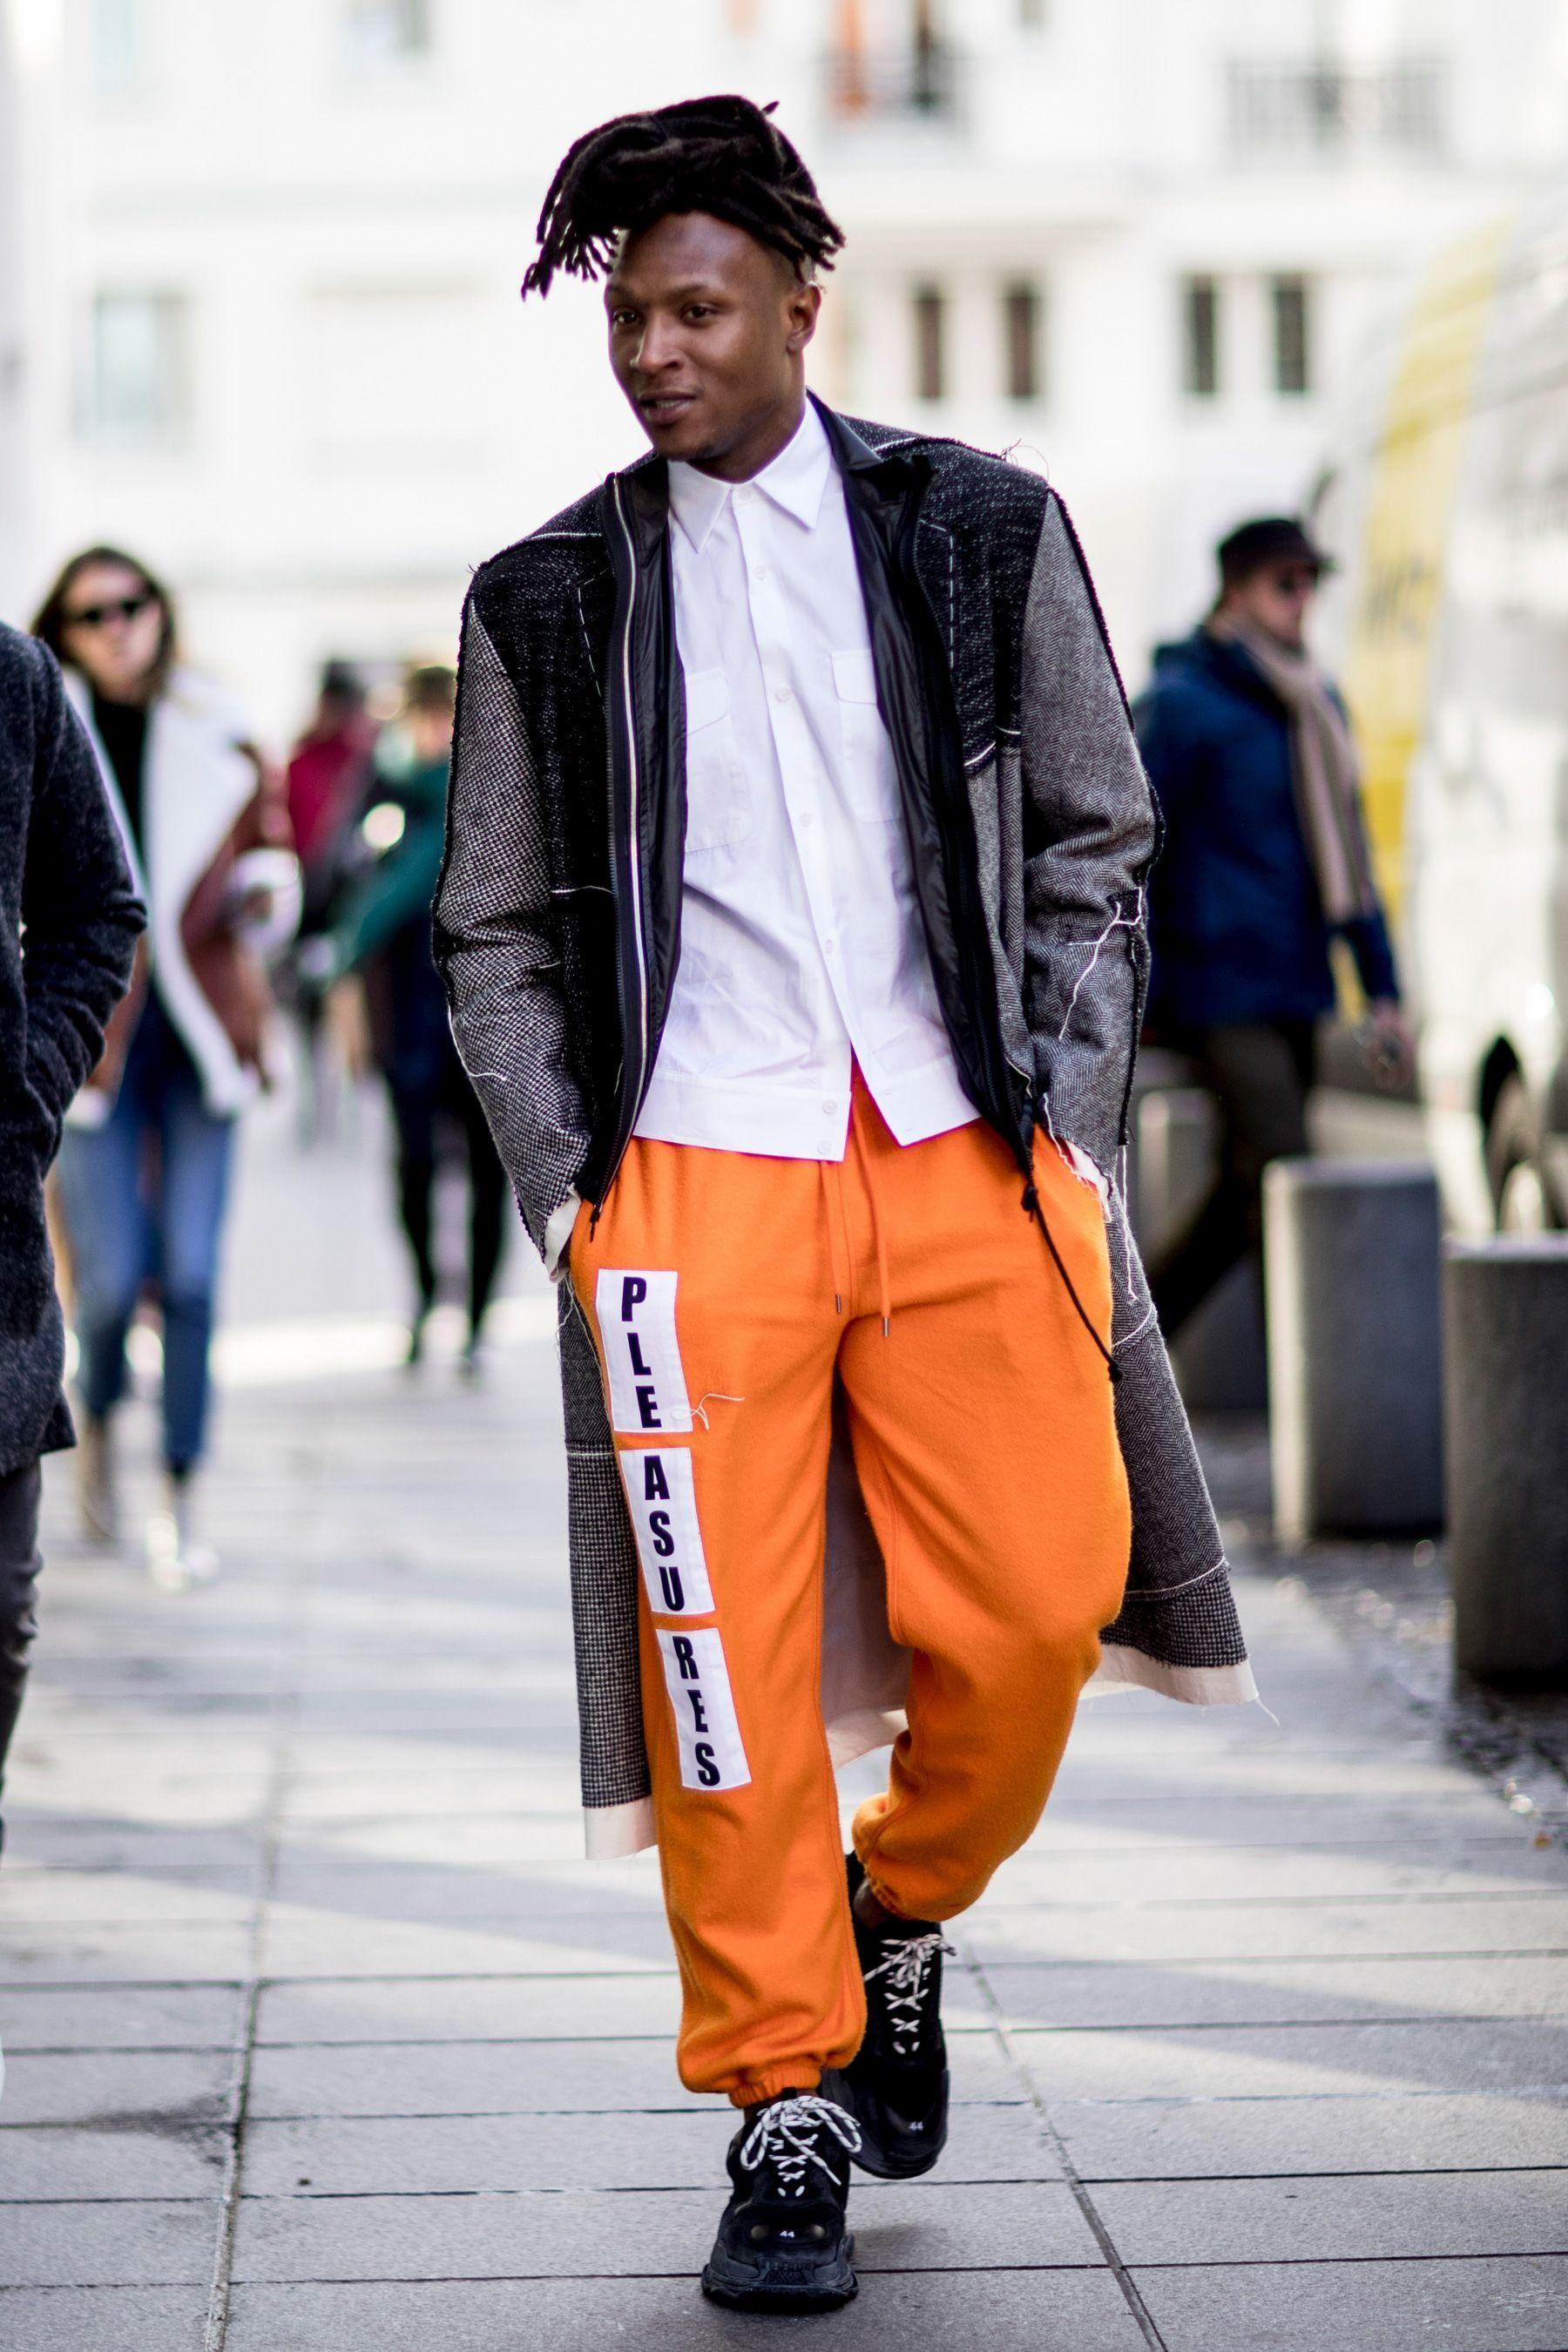 Fashion style Street men European fashion pictures for woman